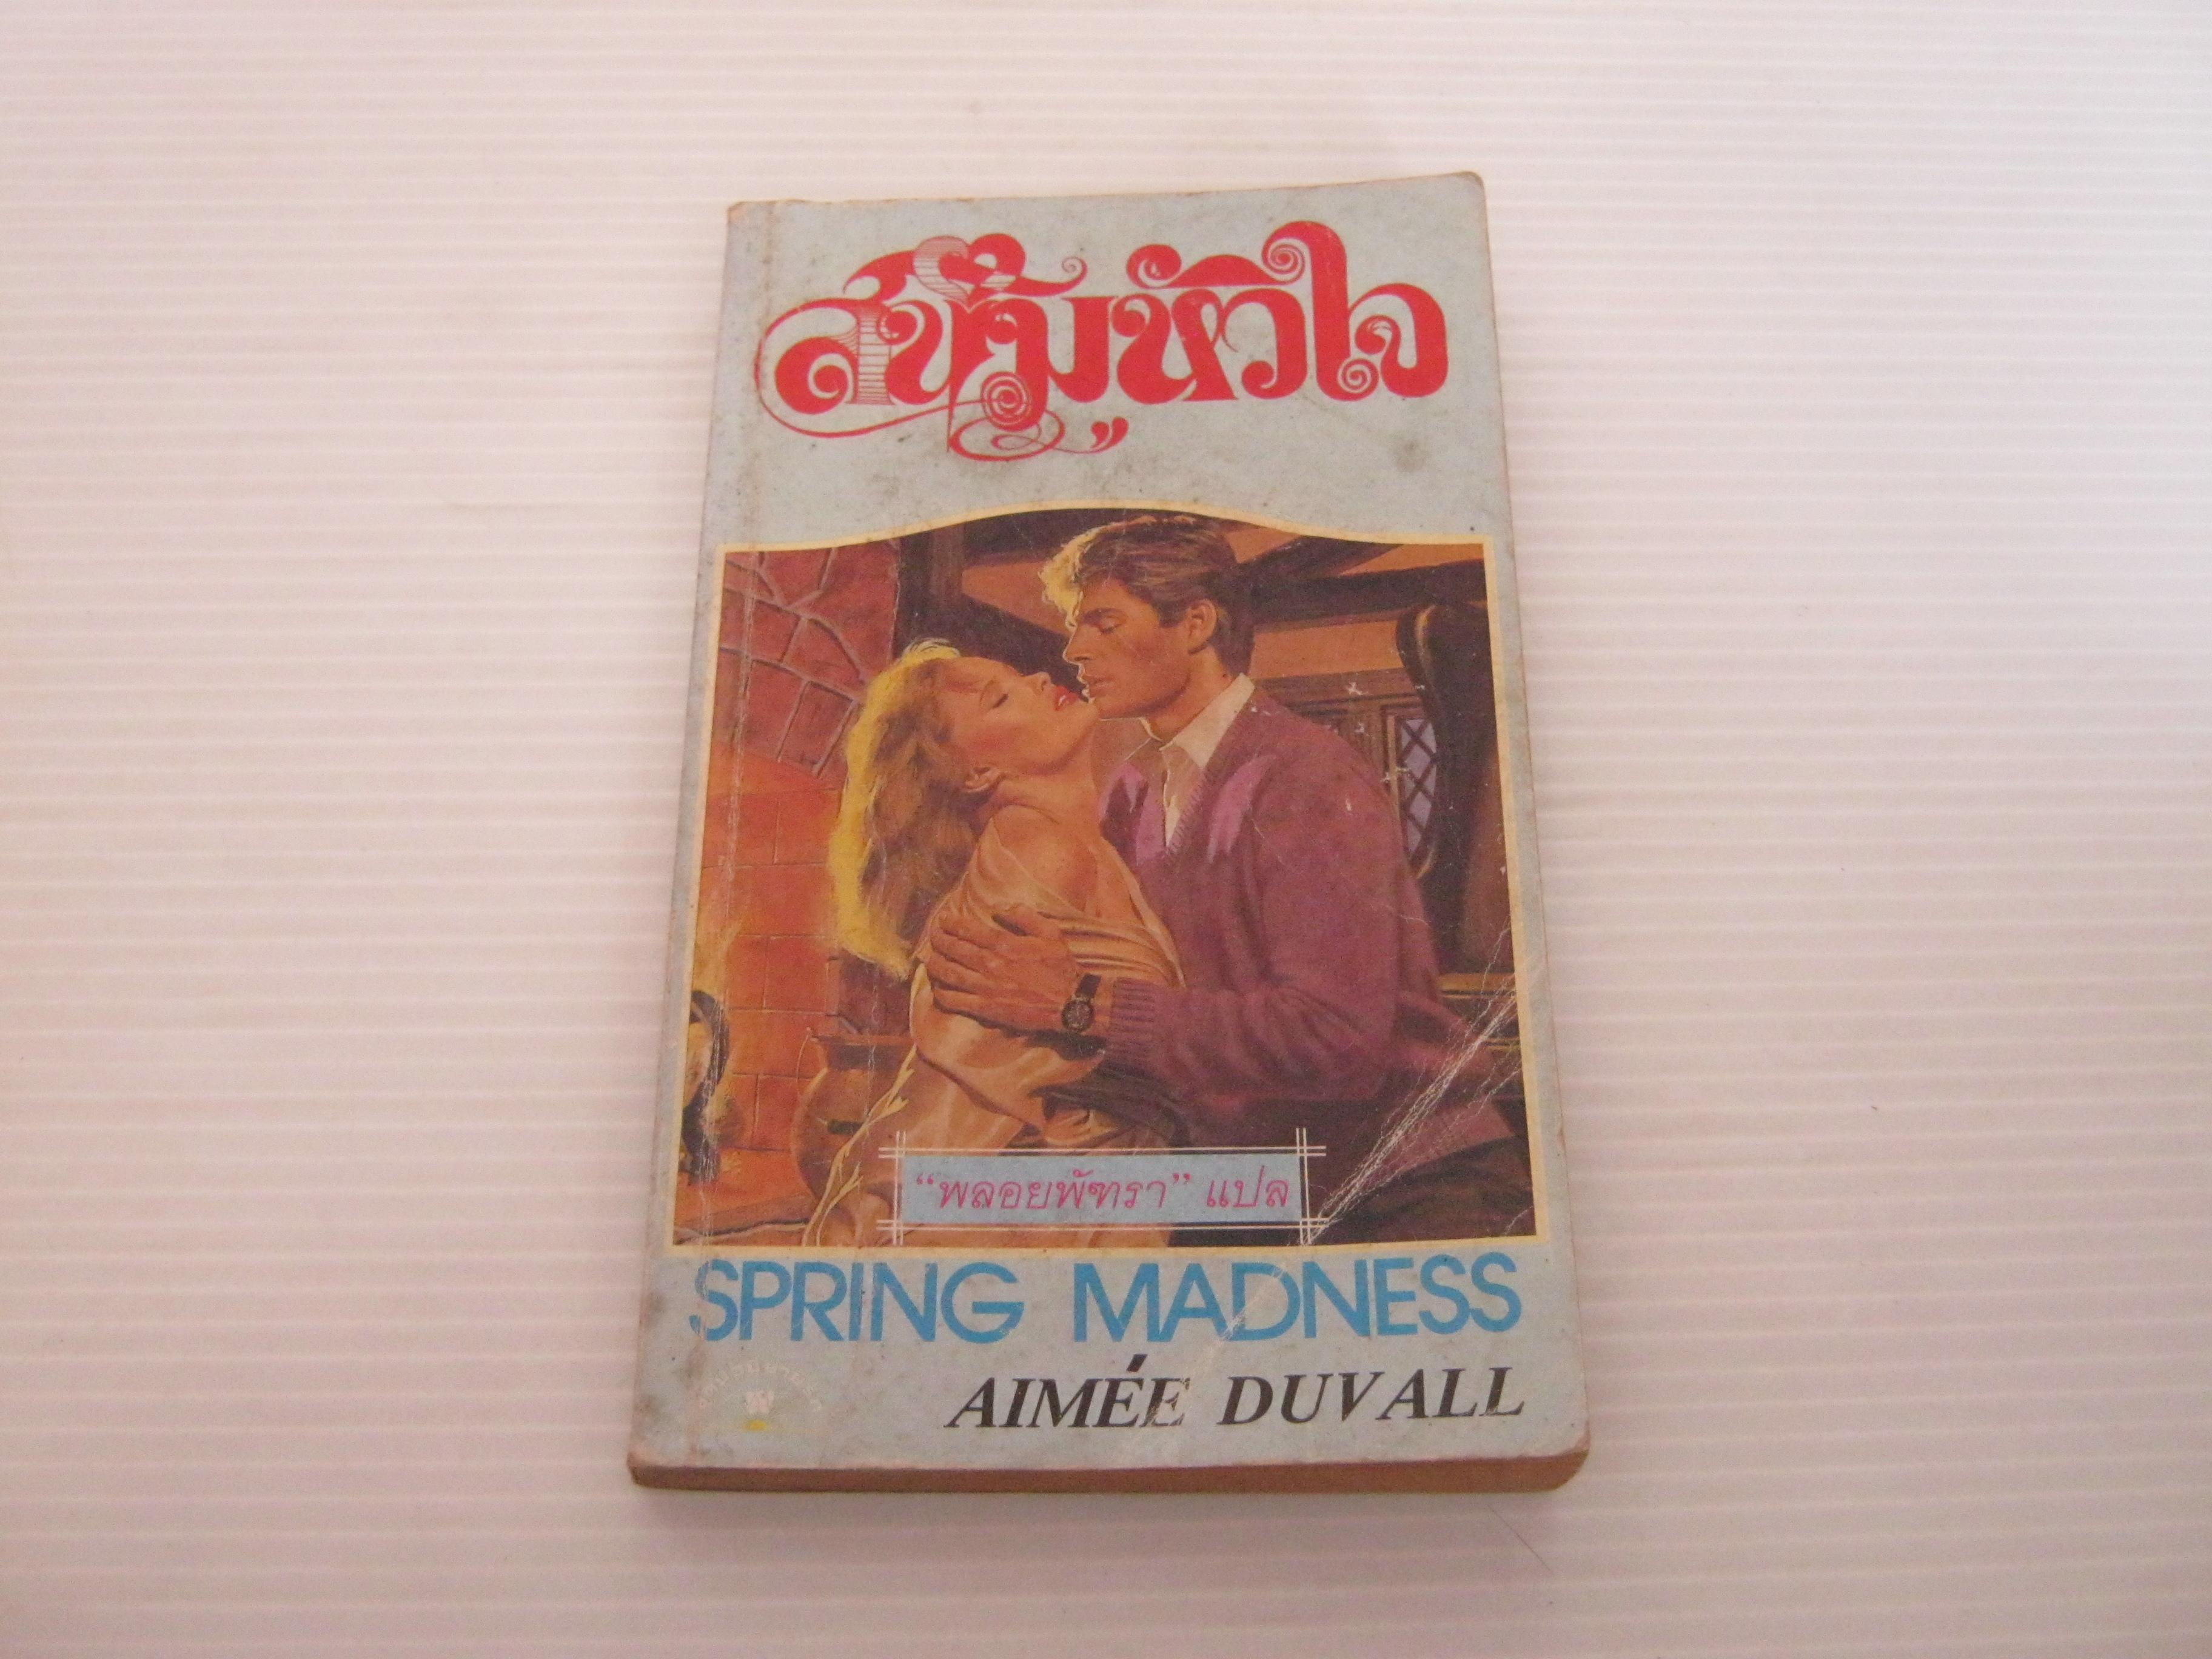 สนิมหัวใจ (Spring Madness) Aimee Duvall เขียน พลอยพัฑรา แปล